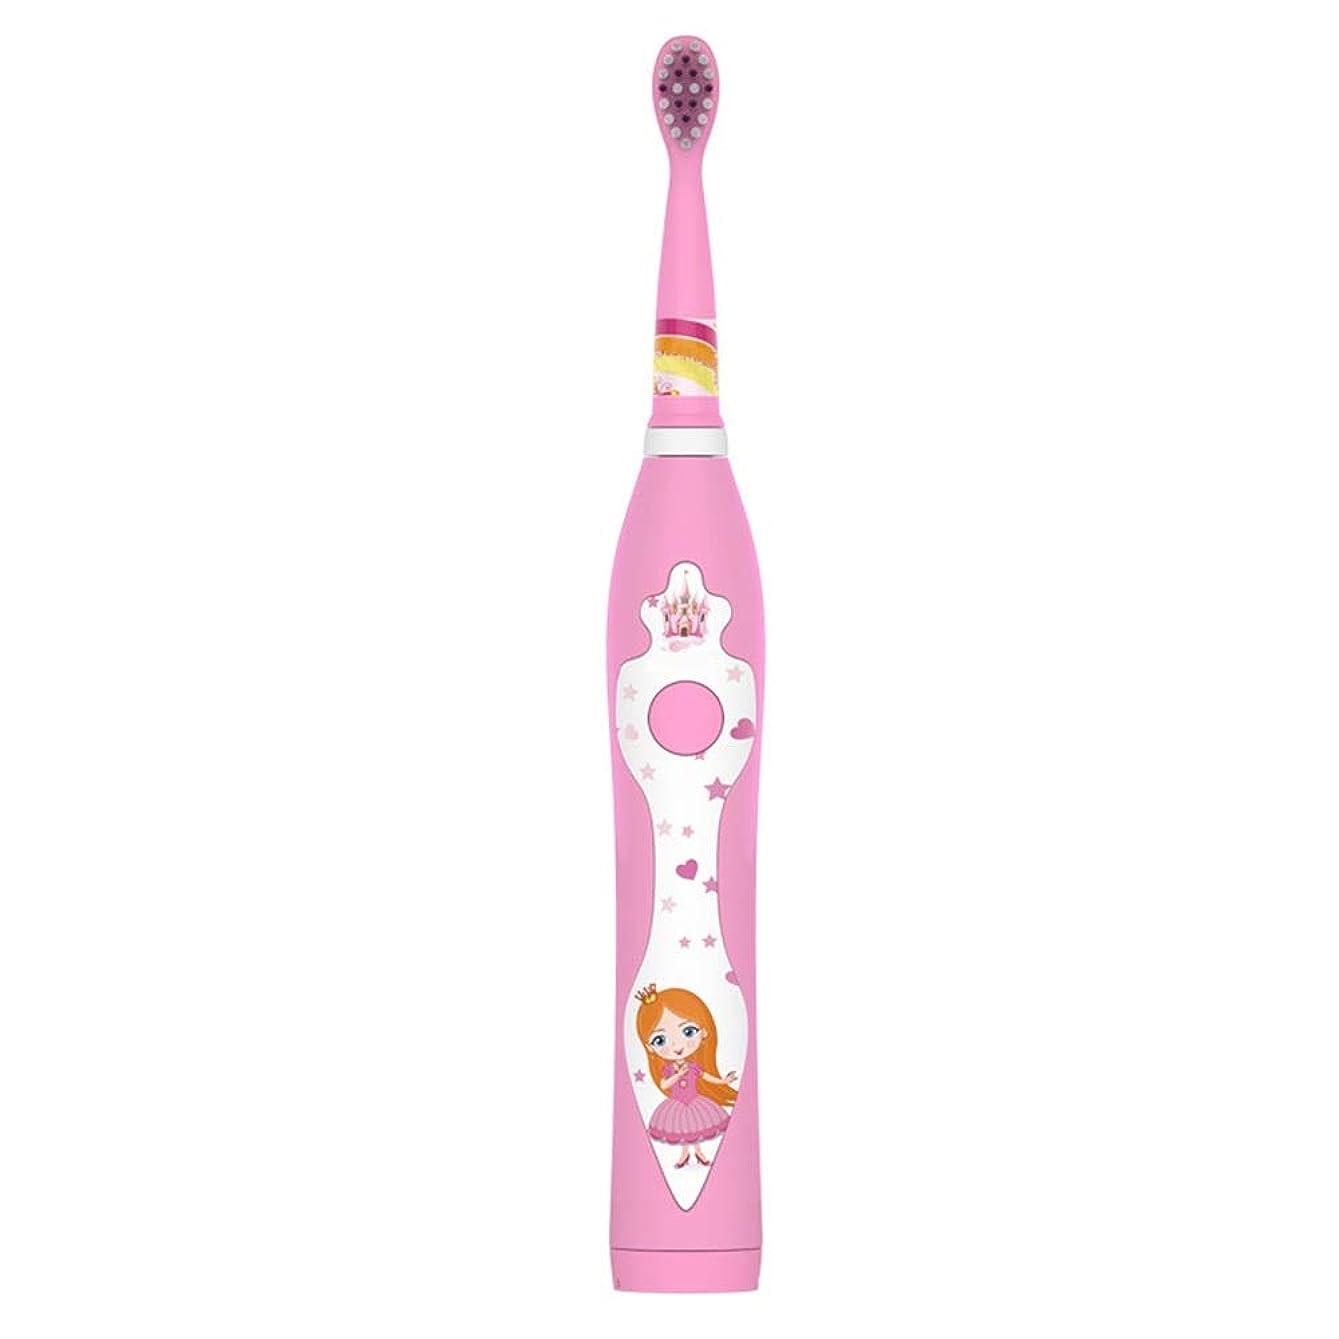 パン屋田舎者バンケット子供の電動歯ブラシかわいいUSB充電式歯ブラシホルダーと2つの交換用ヘッド (色 : ピンク, サイズ : Free size)